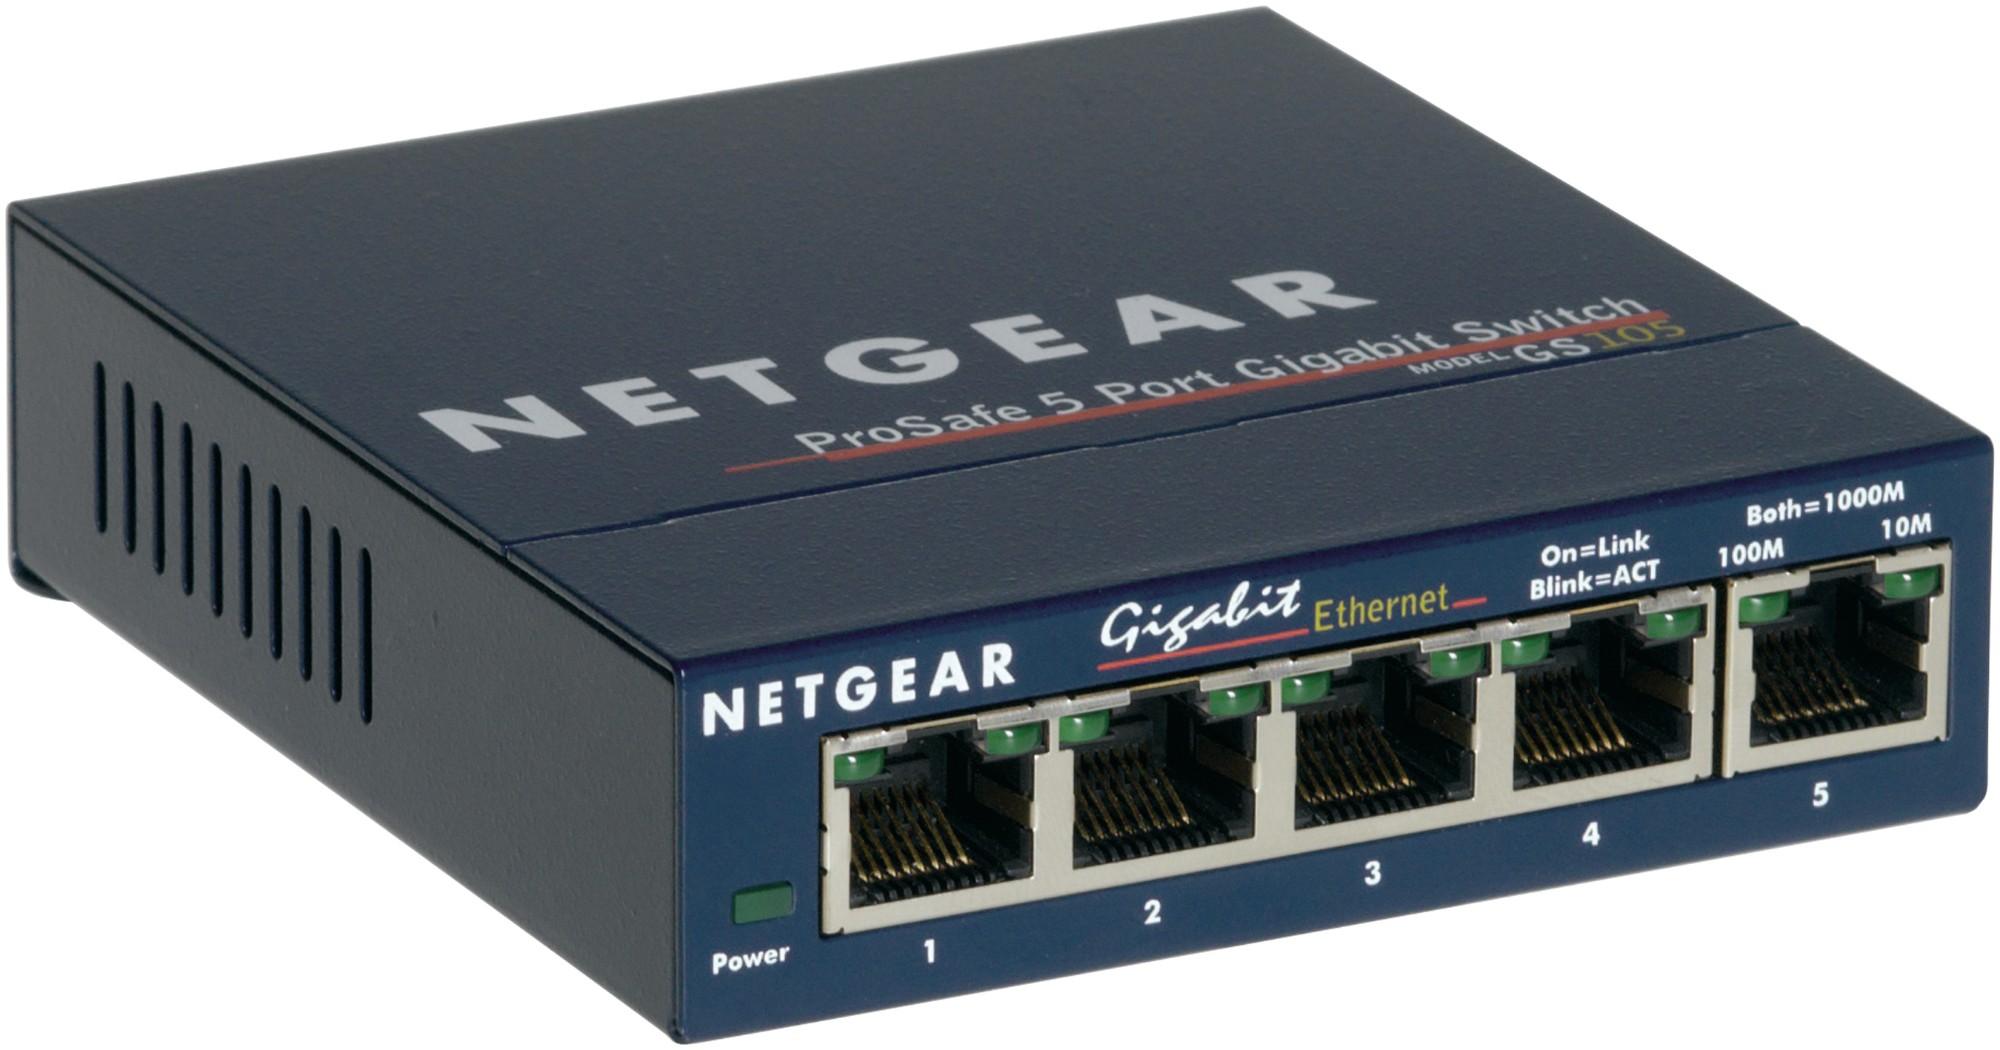 Netgear GS105 No administrado Gigabit Ethernet (10/100/1000) Azul